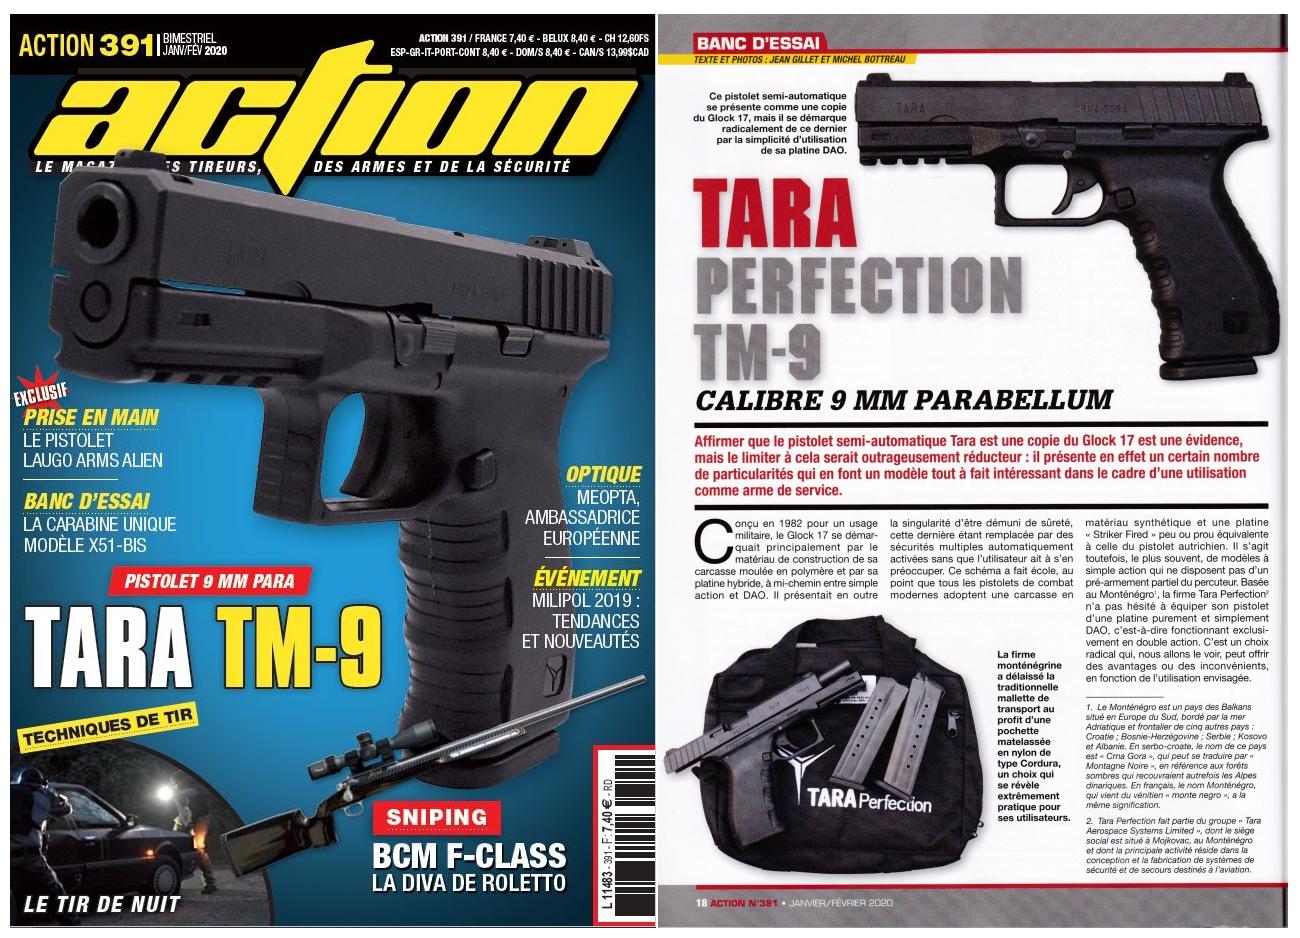 Le banc d'essai du pistolet TARA Perfection TM-9 a été publié sur 6 pages dans le magazine Action n°391 (janvier-février 2020).